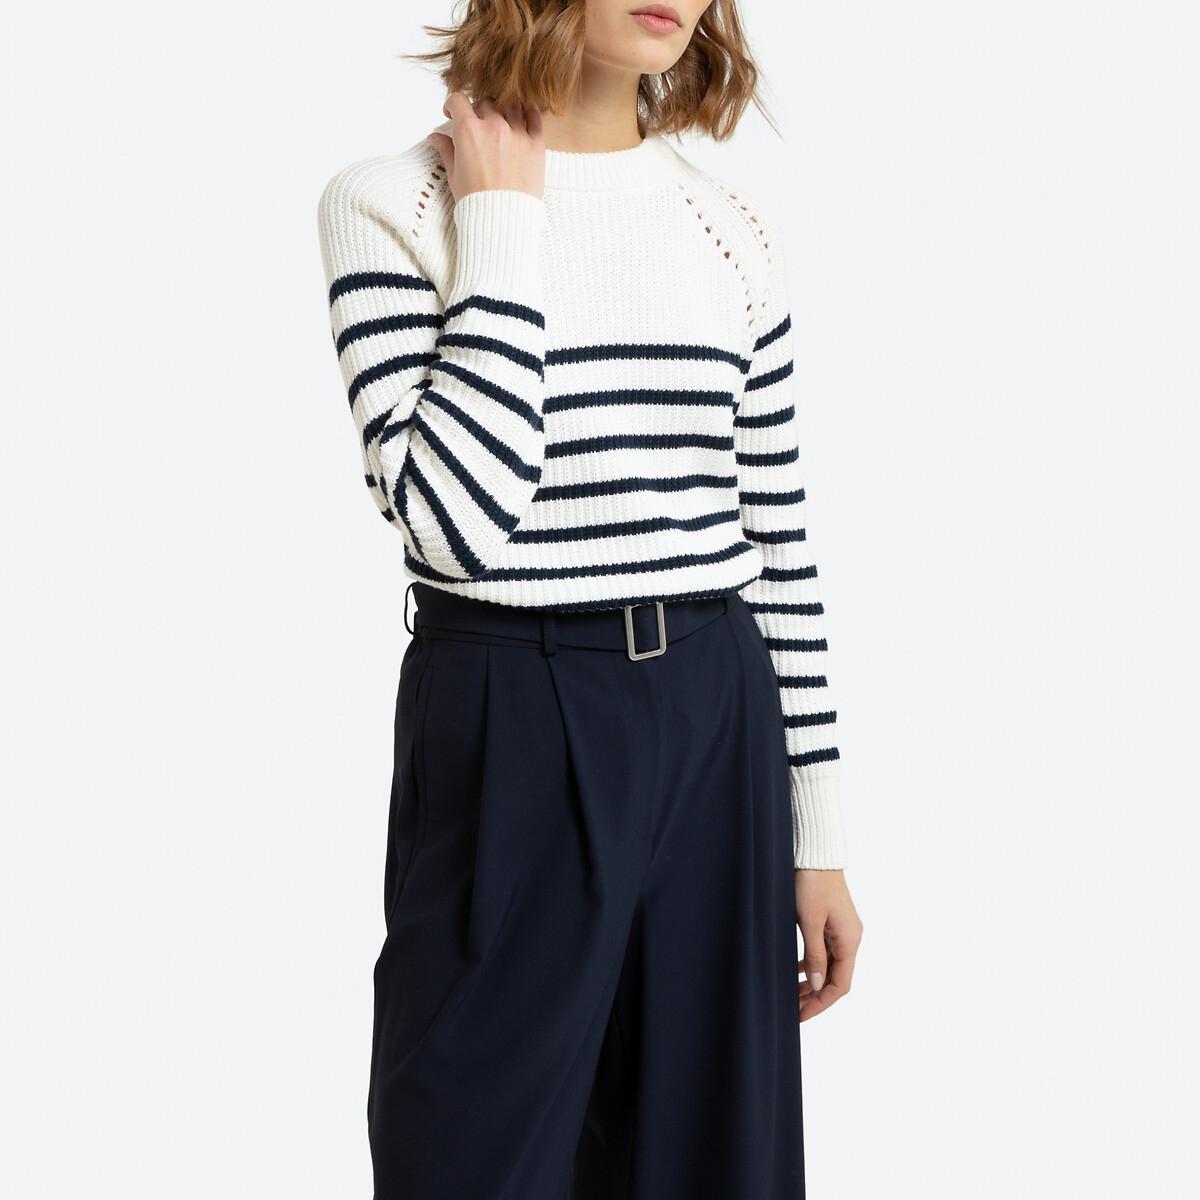 Jersey de estilo marinero con cuello redondo de punto grueso